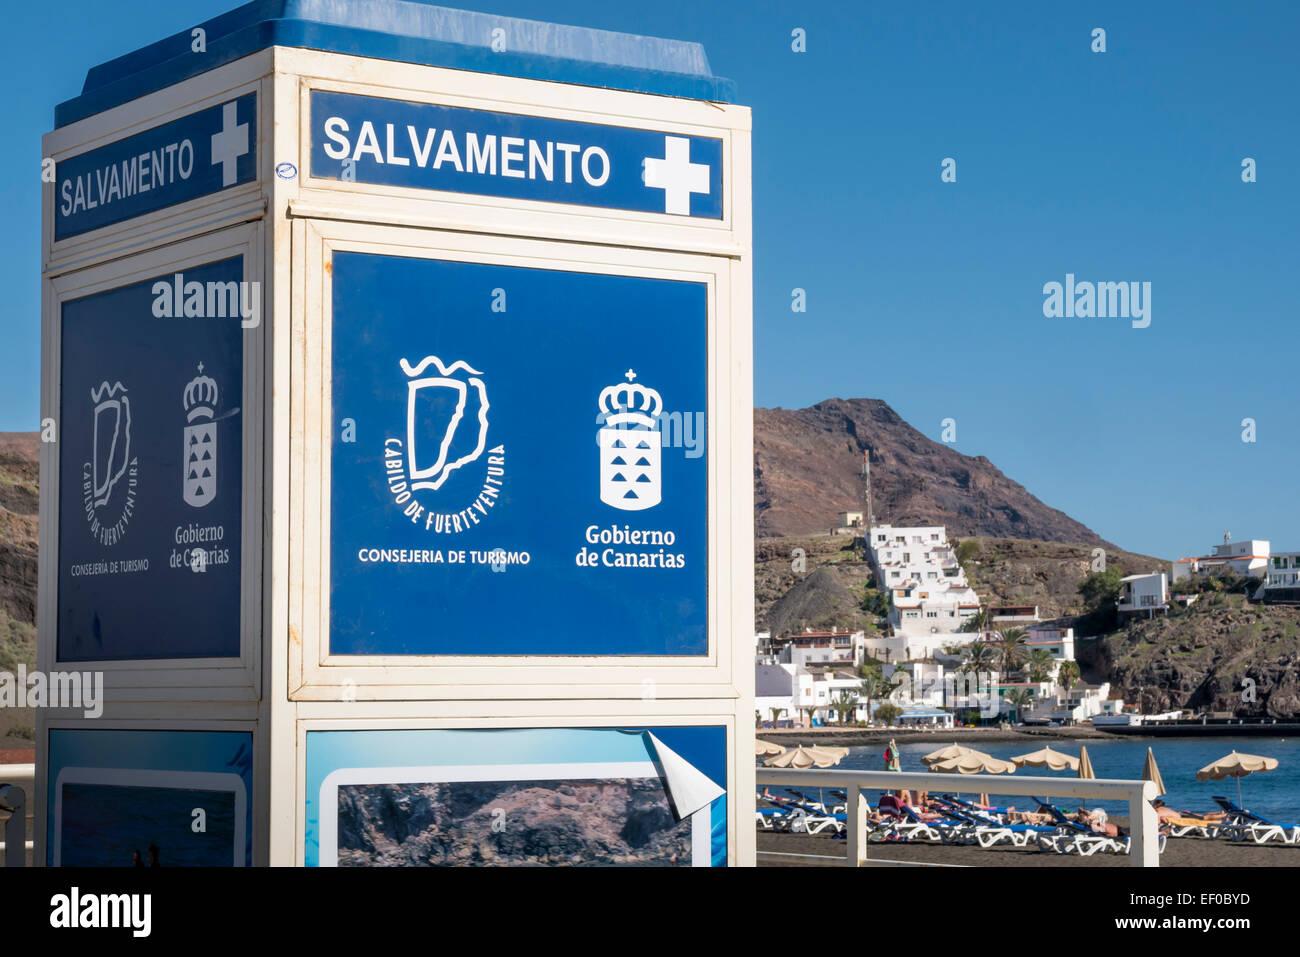 Salvamento Life saving place of safety Las Playitas Tuineje Fuerteventura Canary Islands Spain - Stock Image